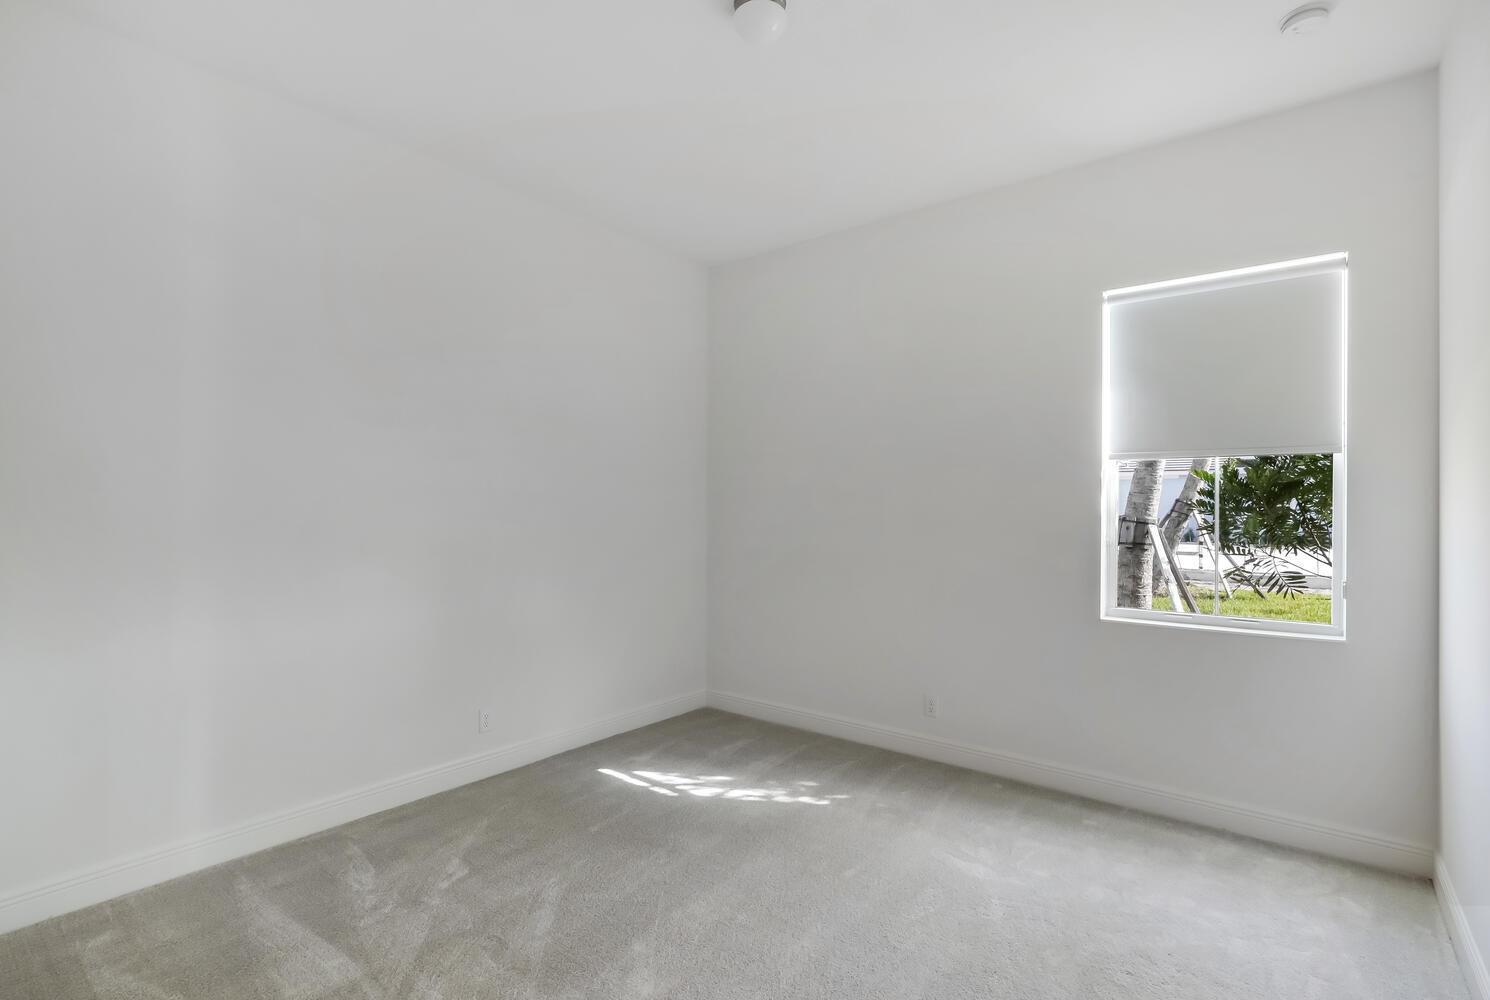 9916 Timber Creek Bedroom 3